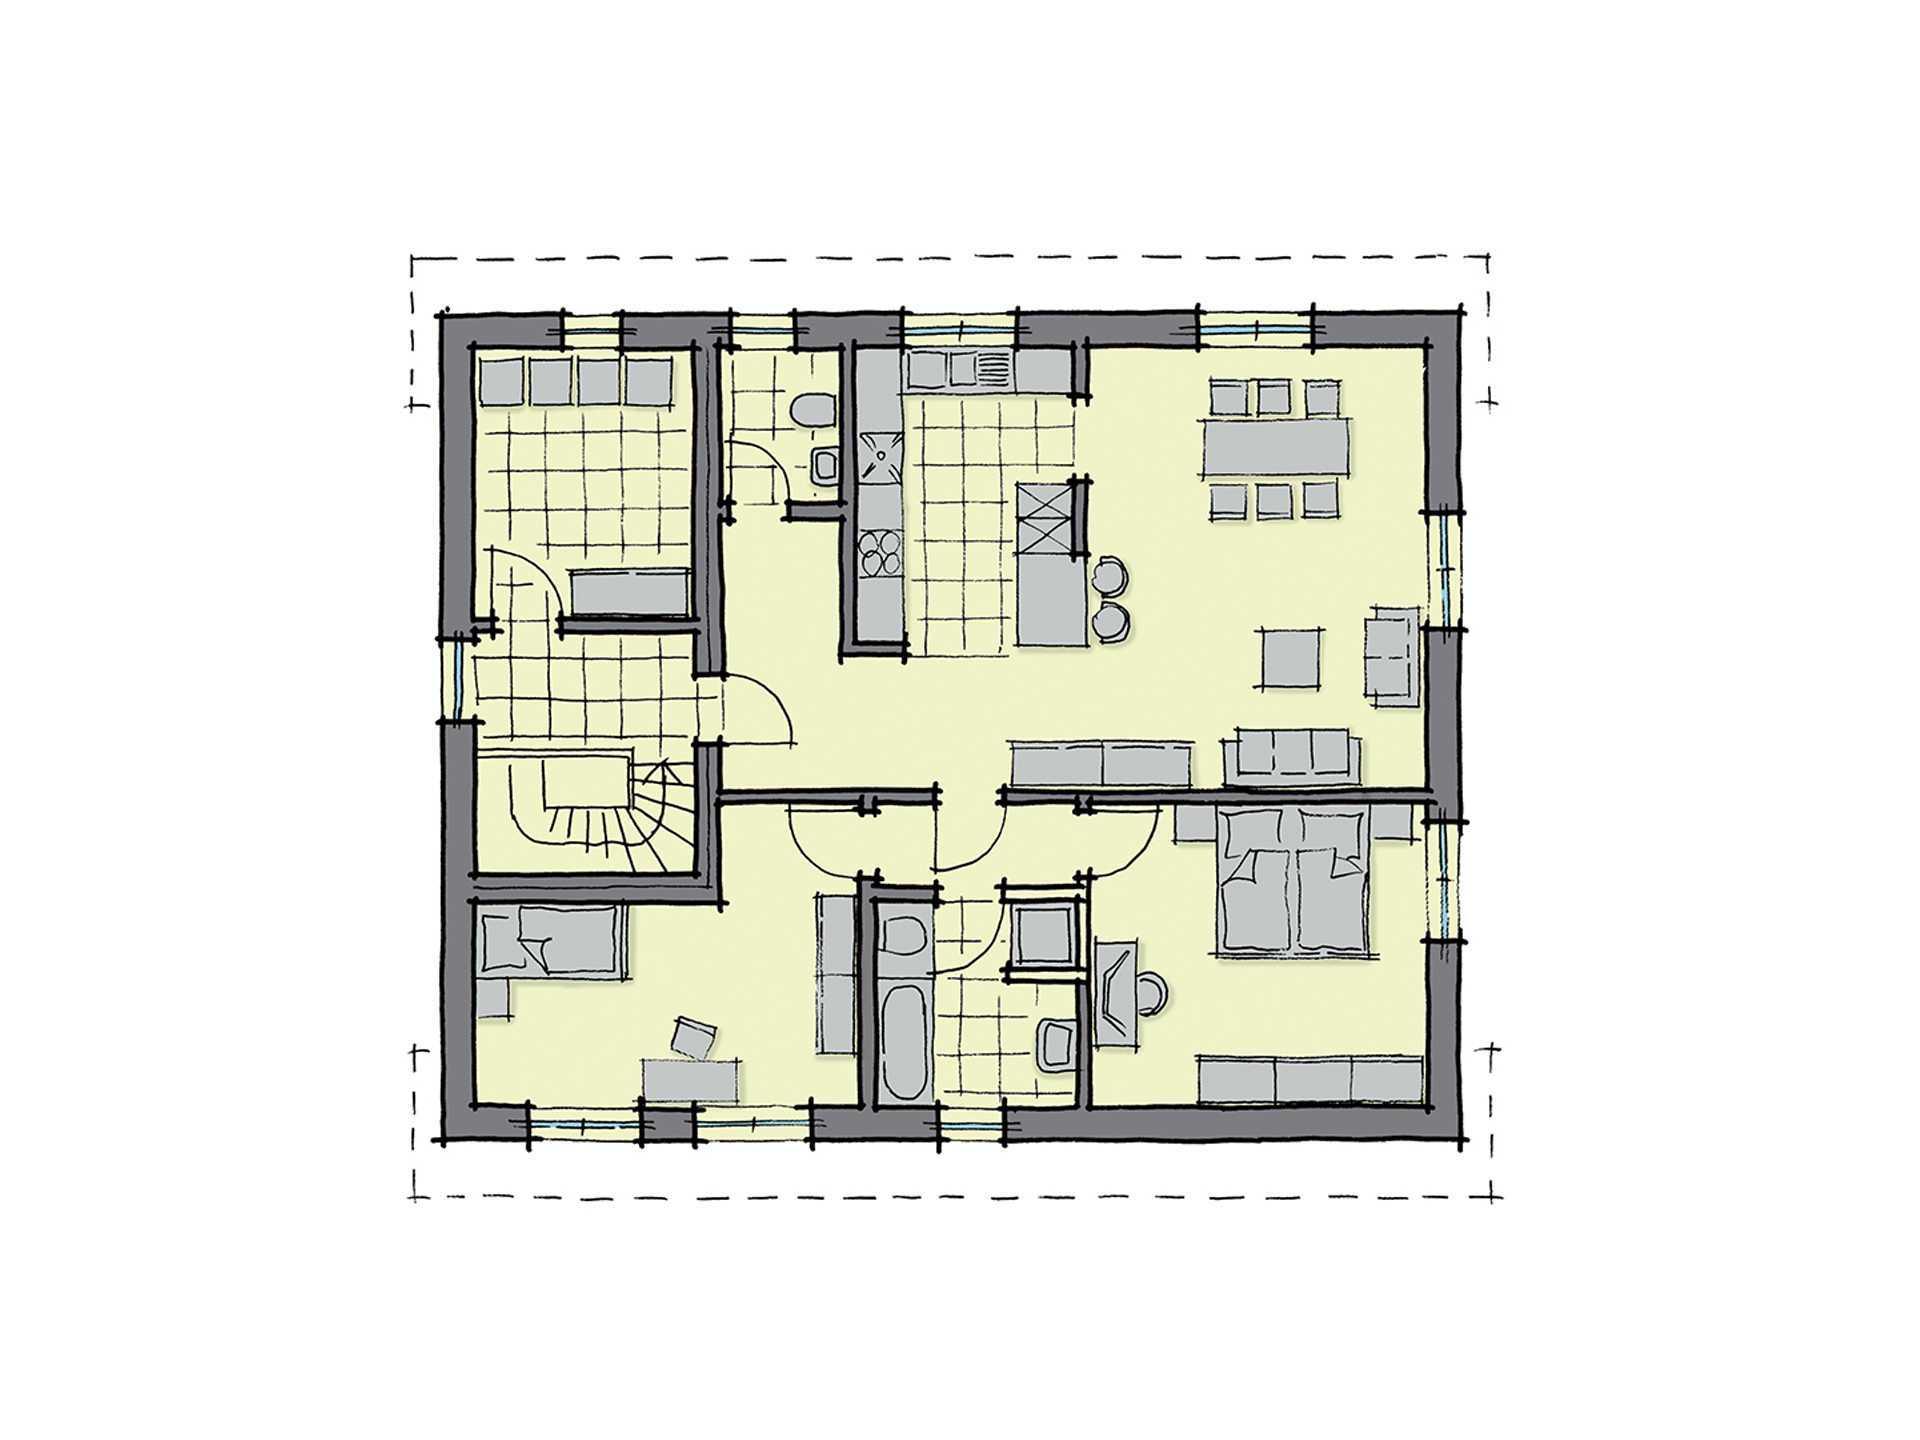 Zweifamilienhaus parma gussek haus for Bauplan zweifamilienhaus